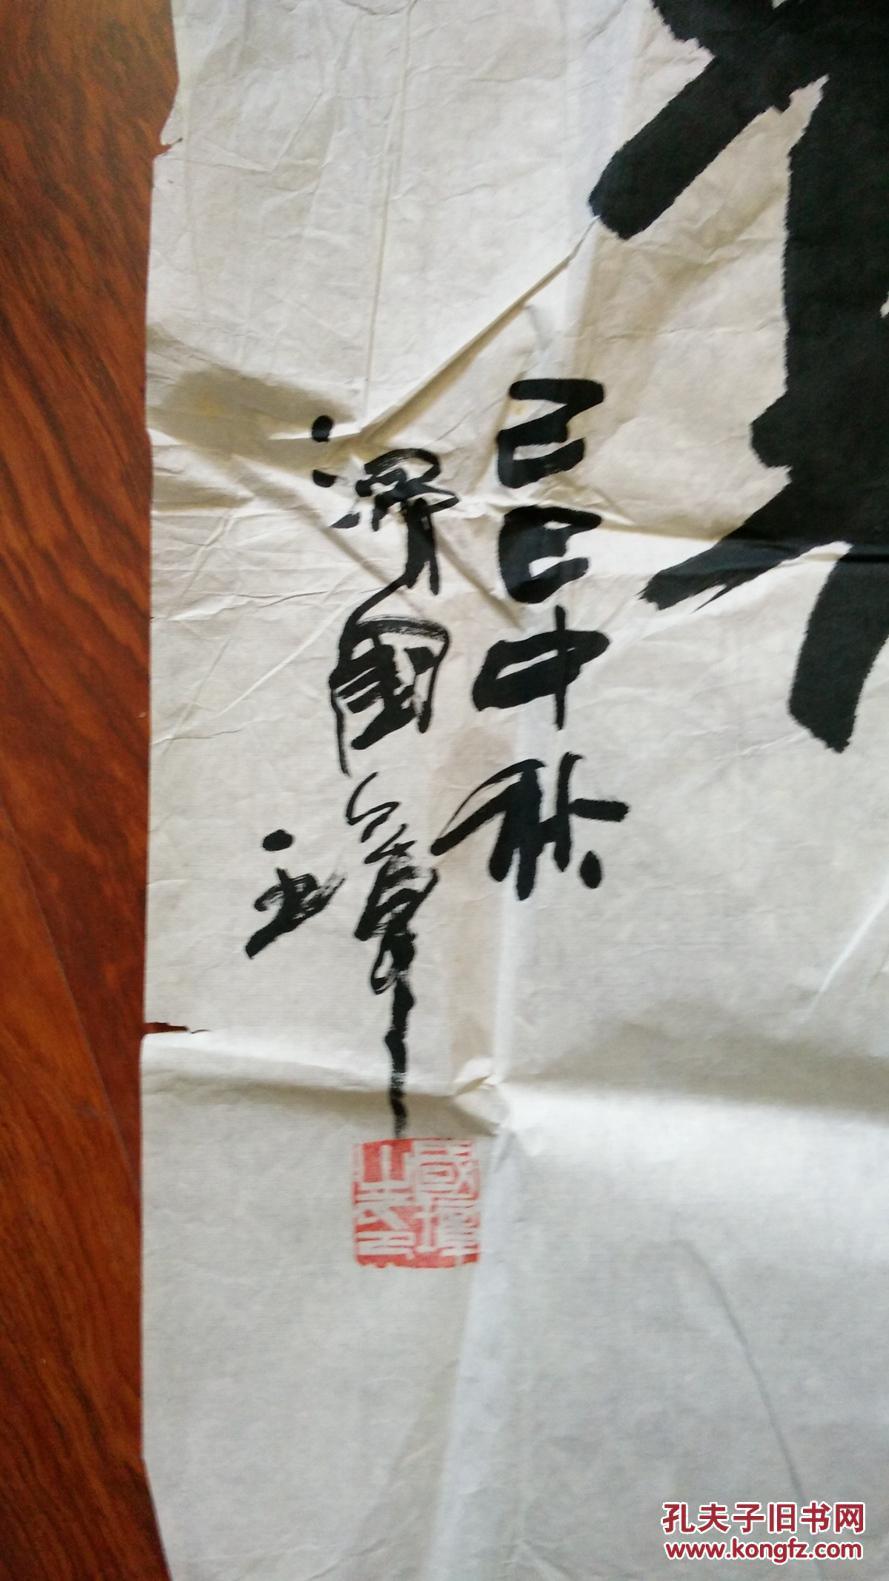 谢娜演���9`m�`��bi_著名书法家滑国璋书法一幅,四尺整张